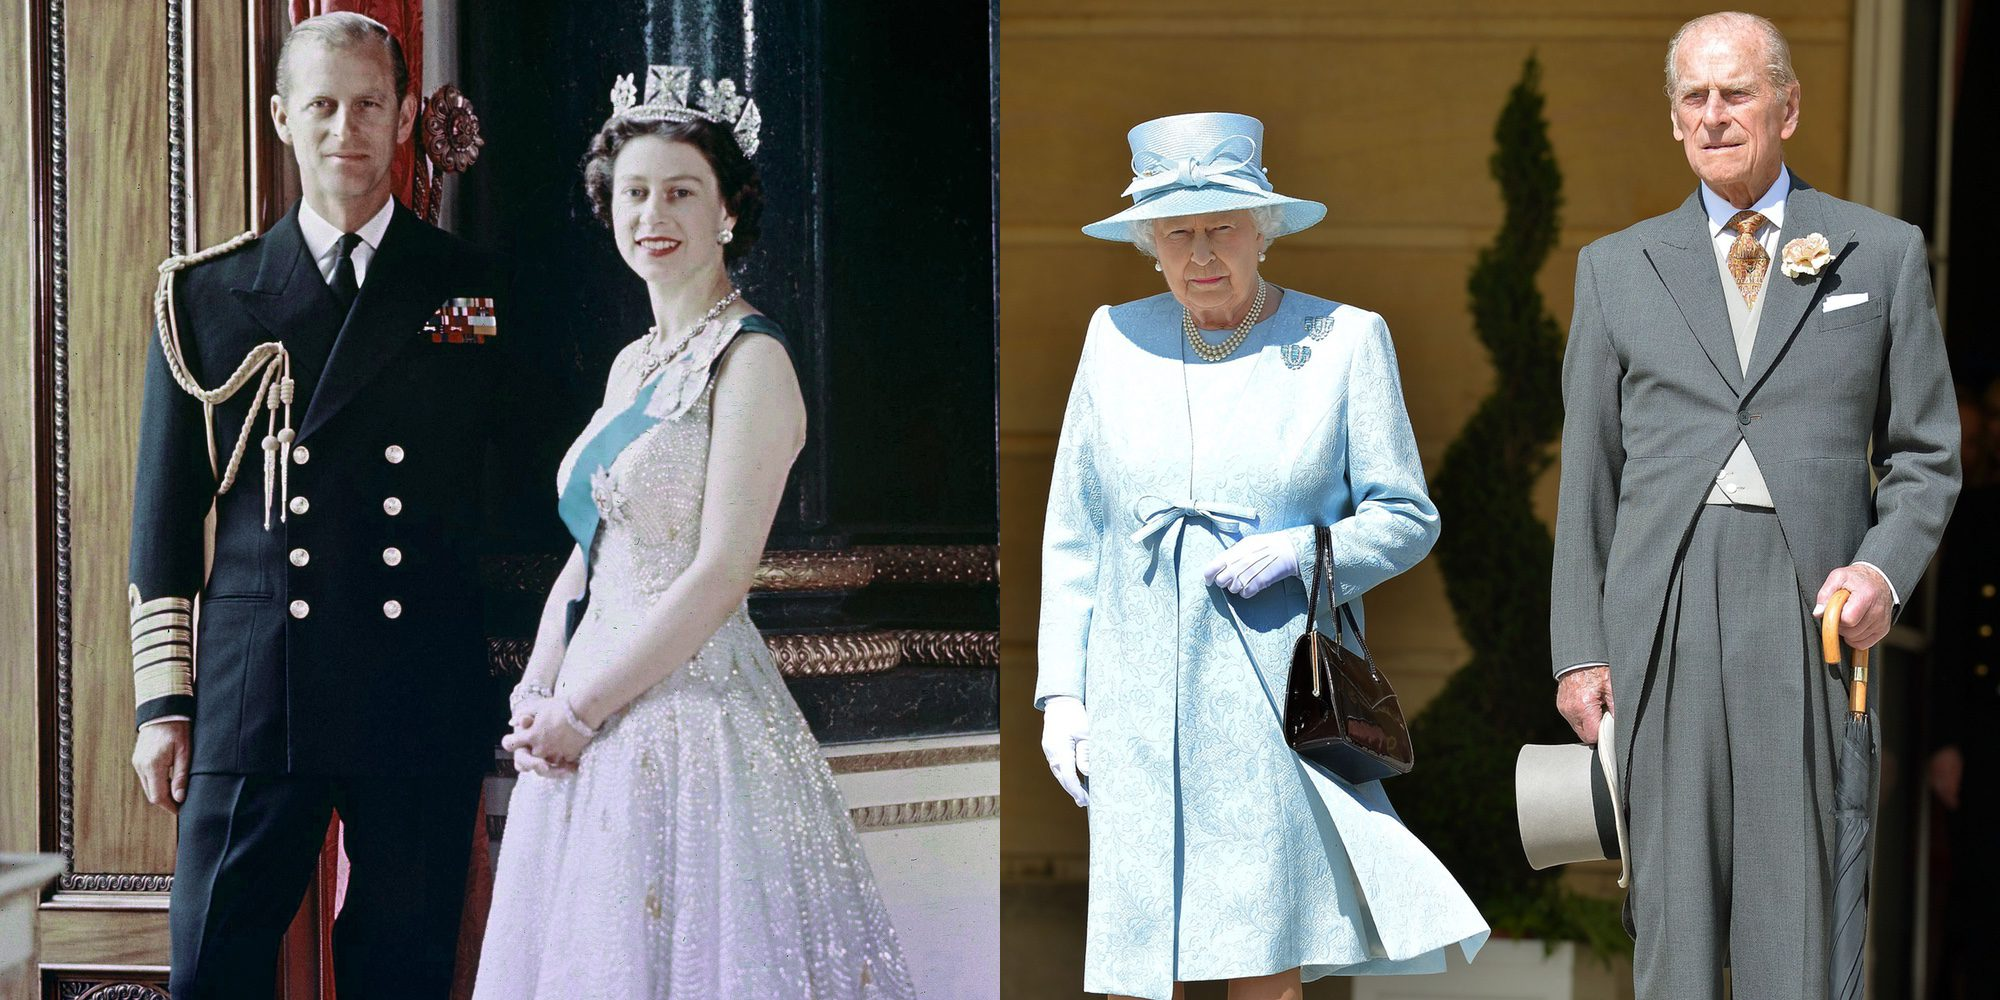 Las 7 claves del matrimonio de la Reina Isabel y el Duque de Edimburgo, un amor longevo y complicado